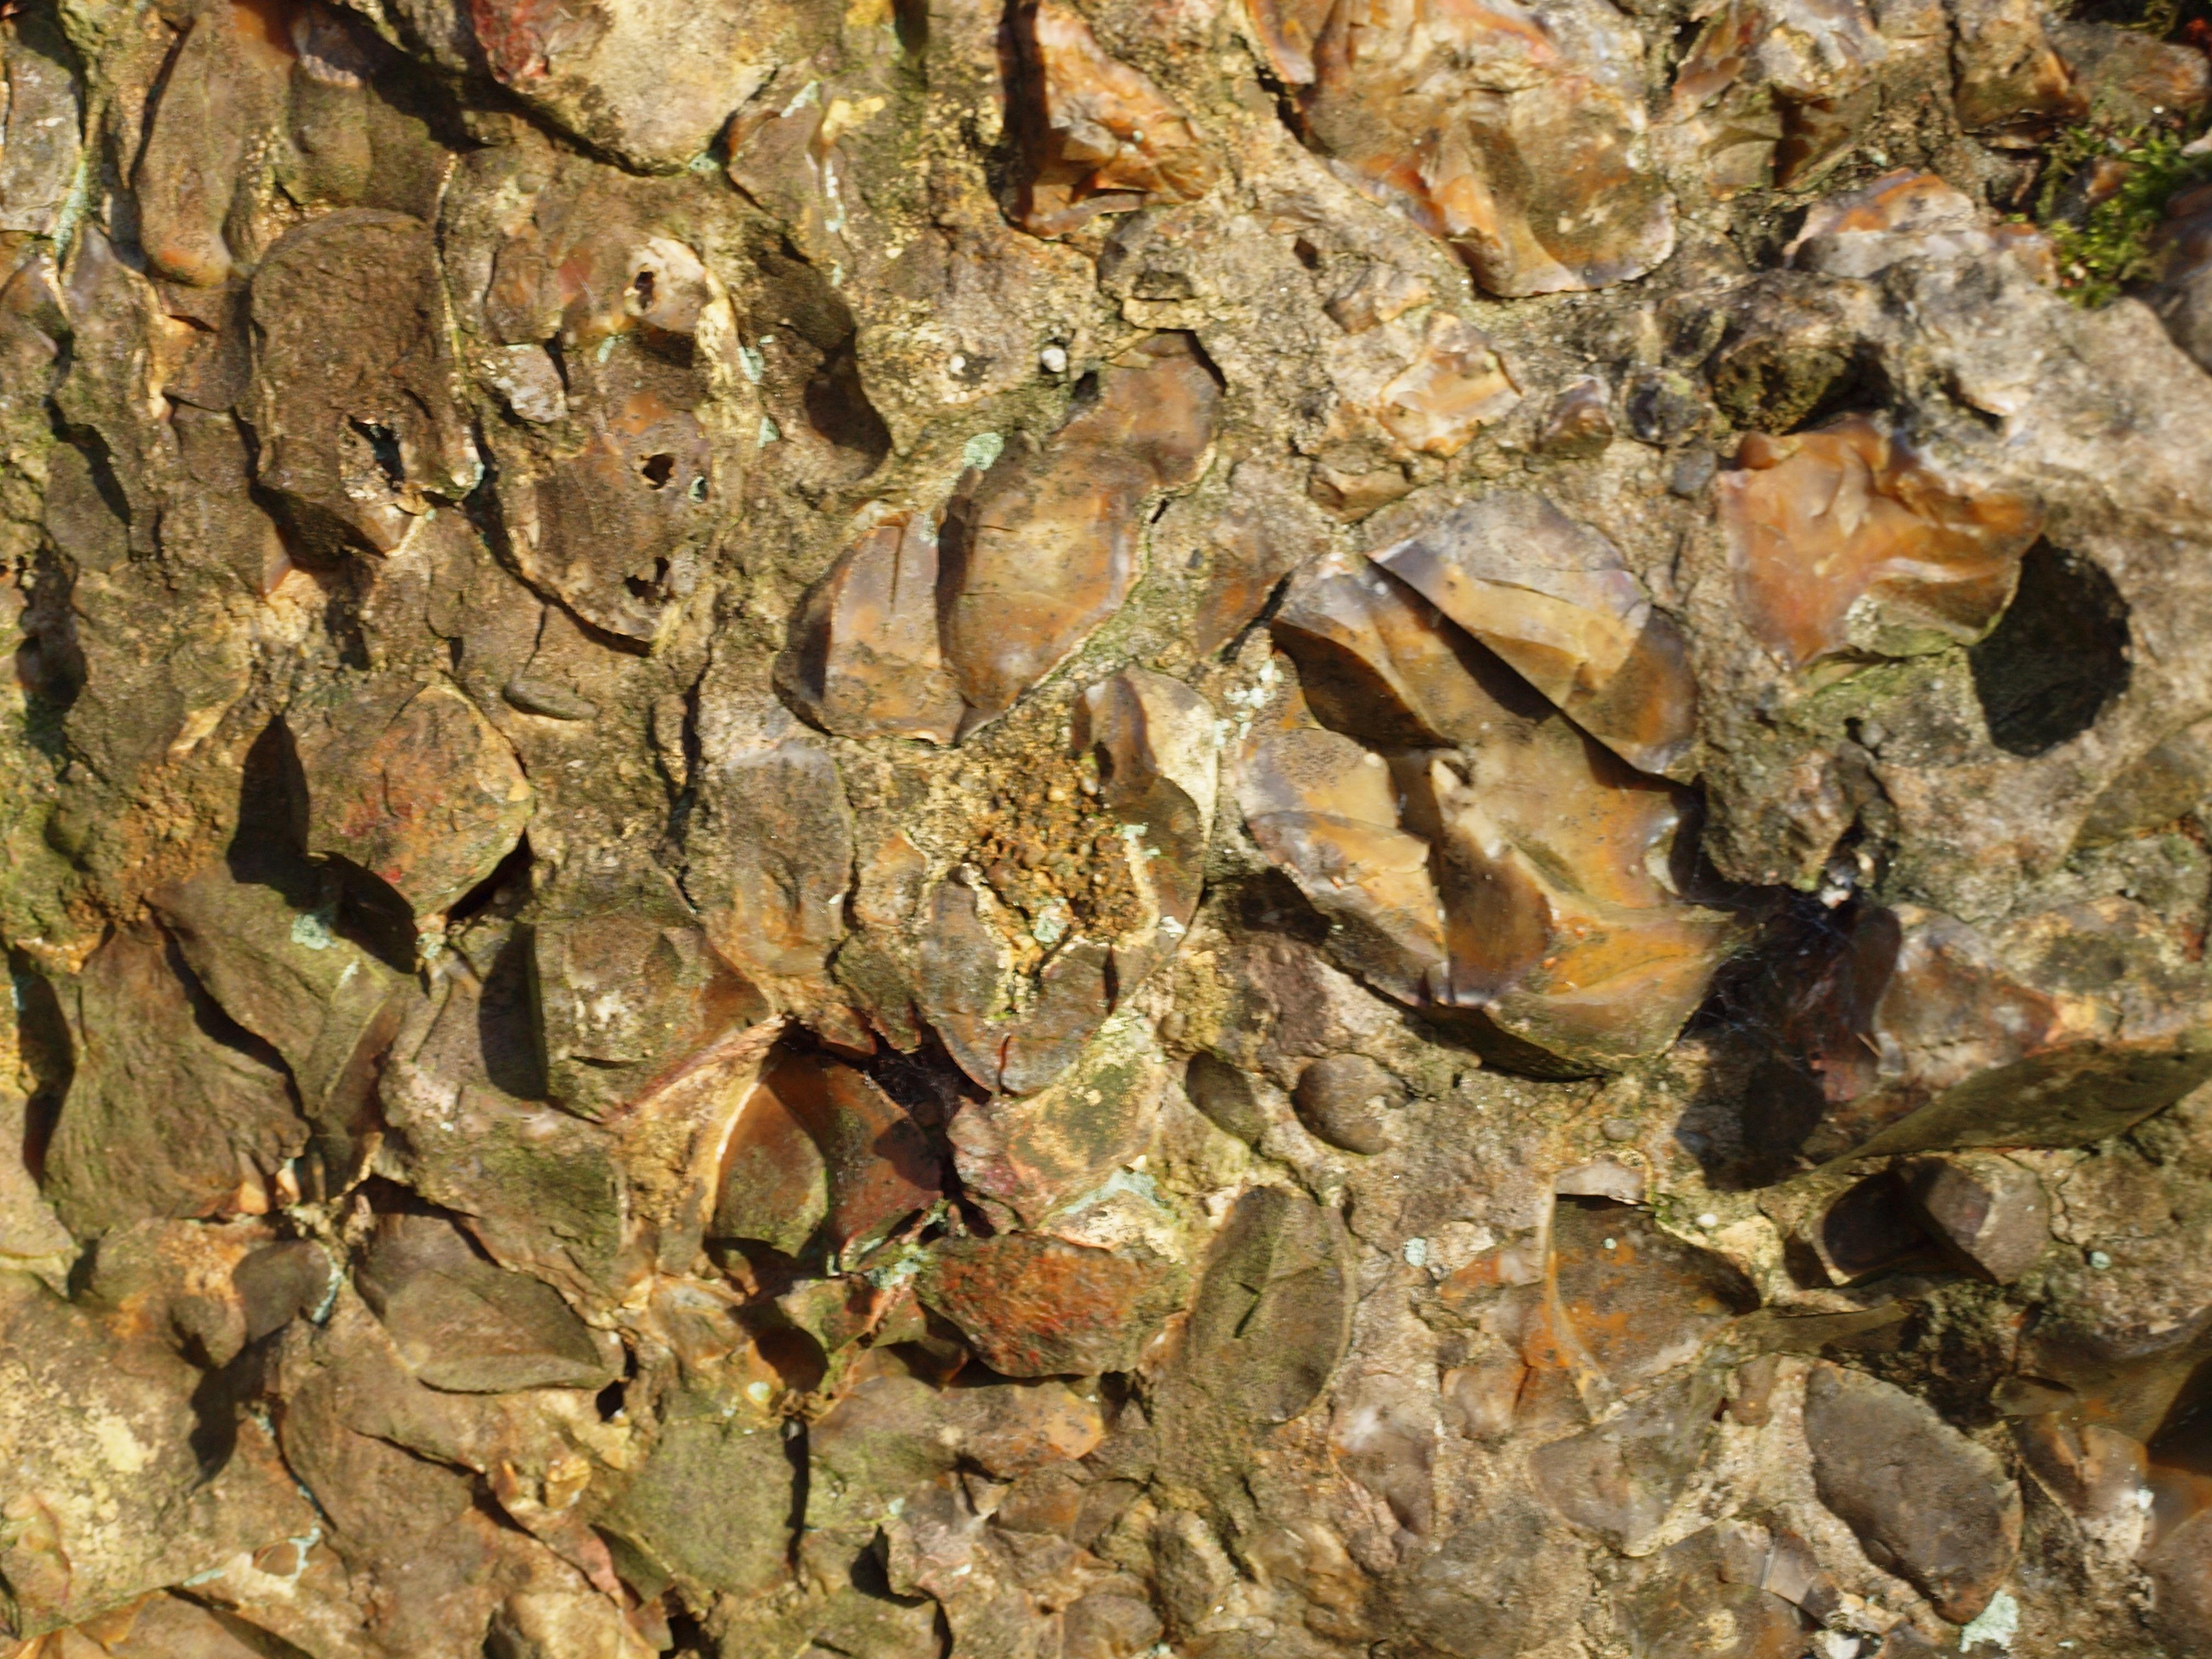 Pierre De L Yonne file:villeneuve-sur-yonne-fr-89-menhir de pierre frite-a3